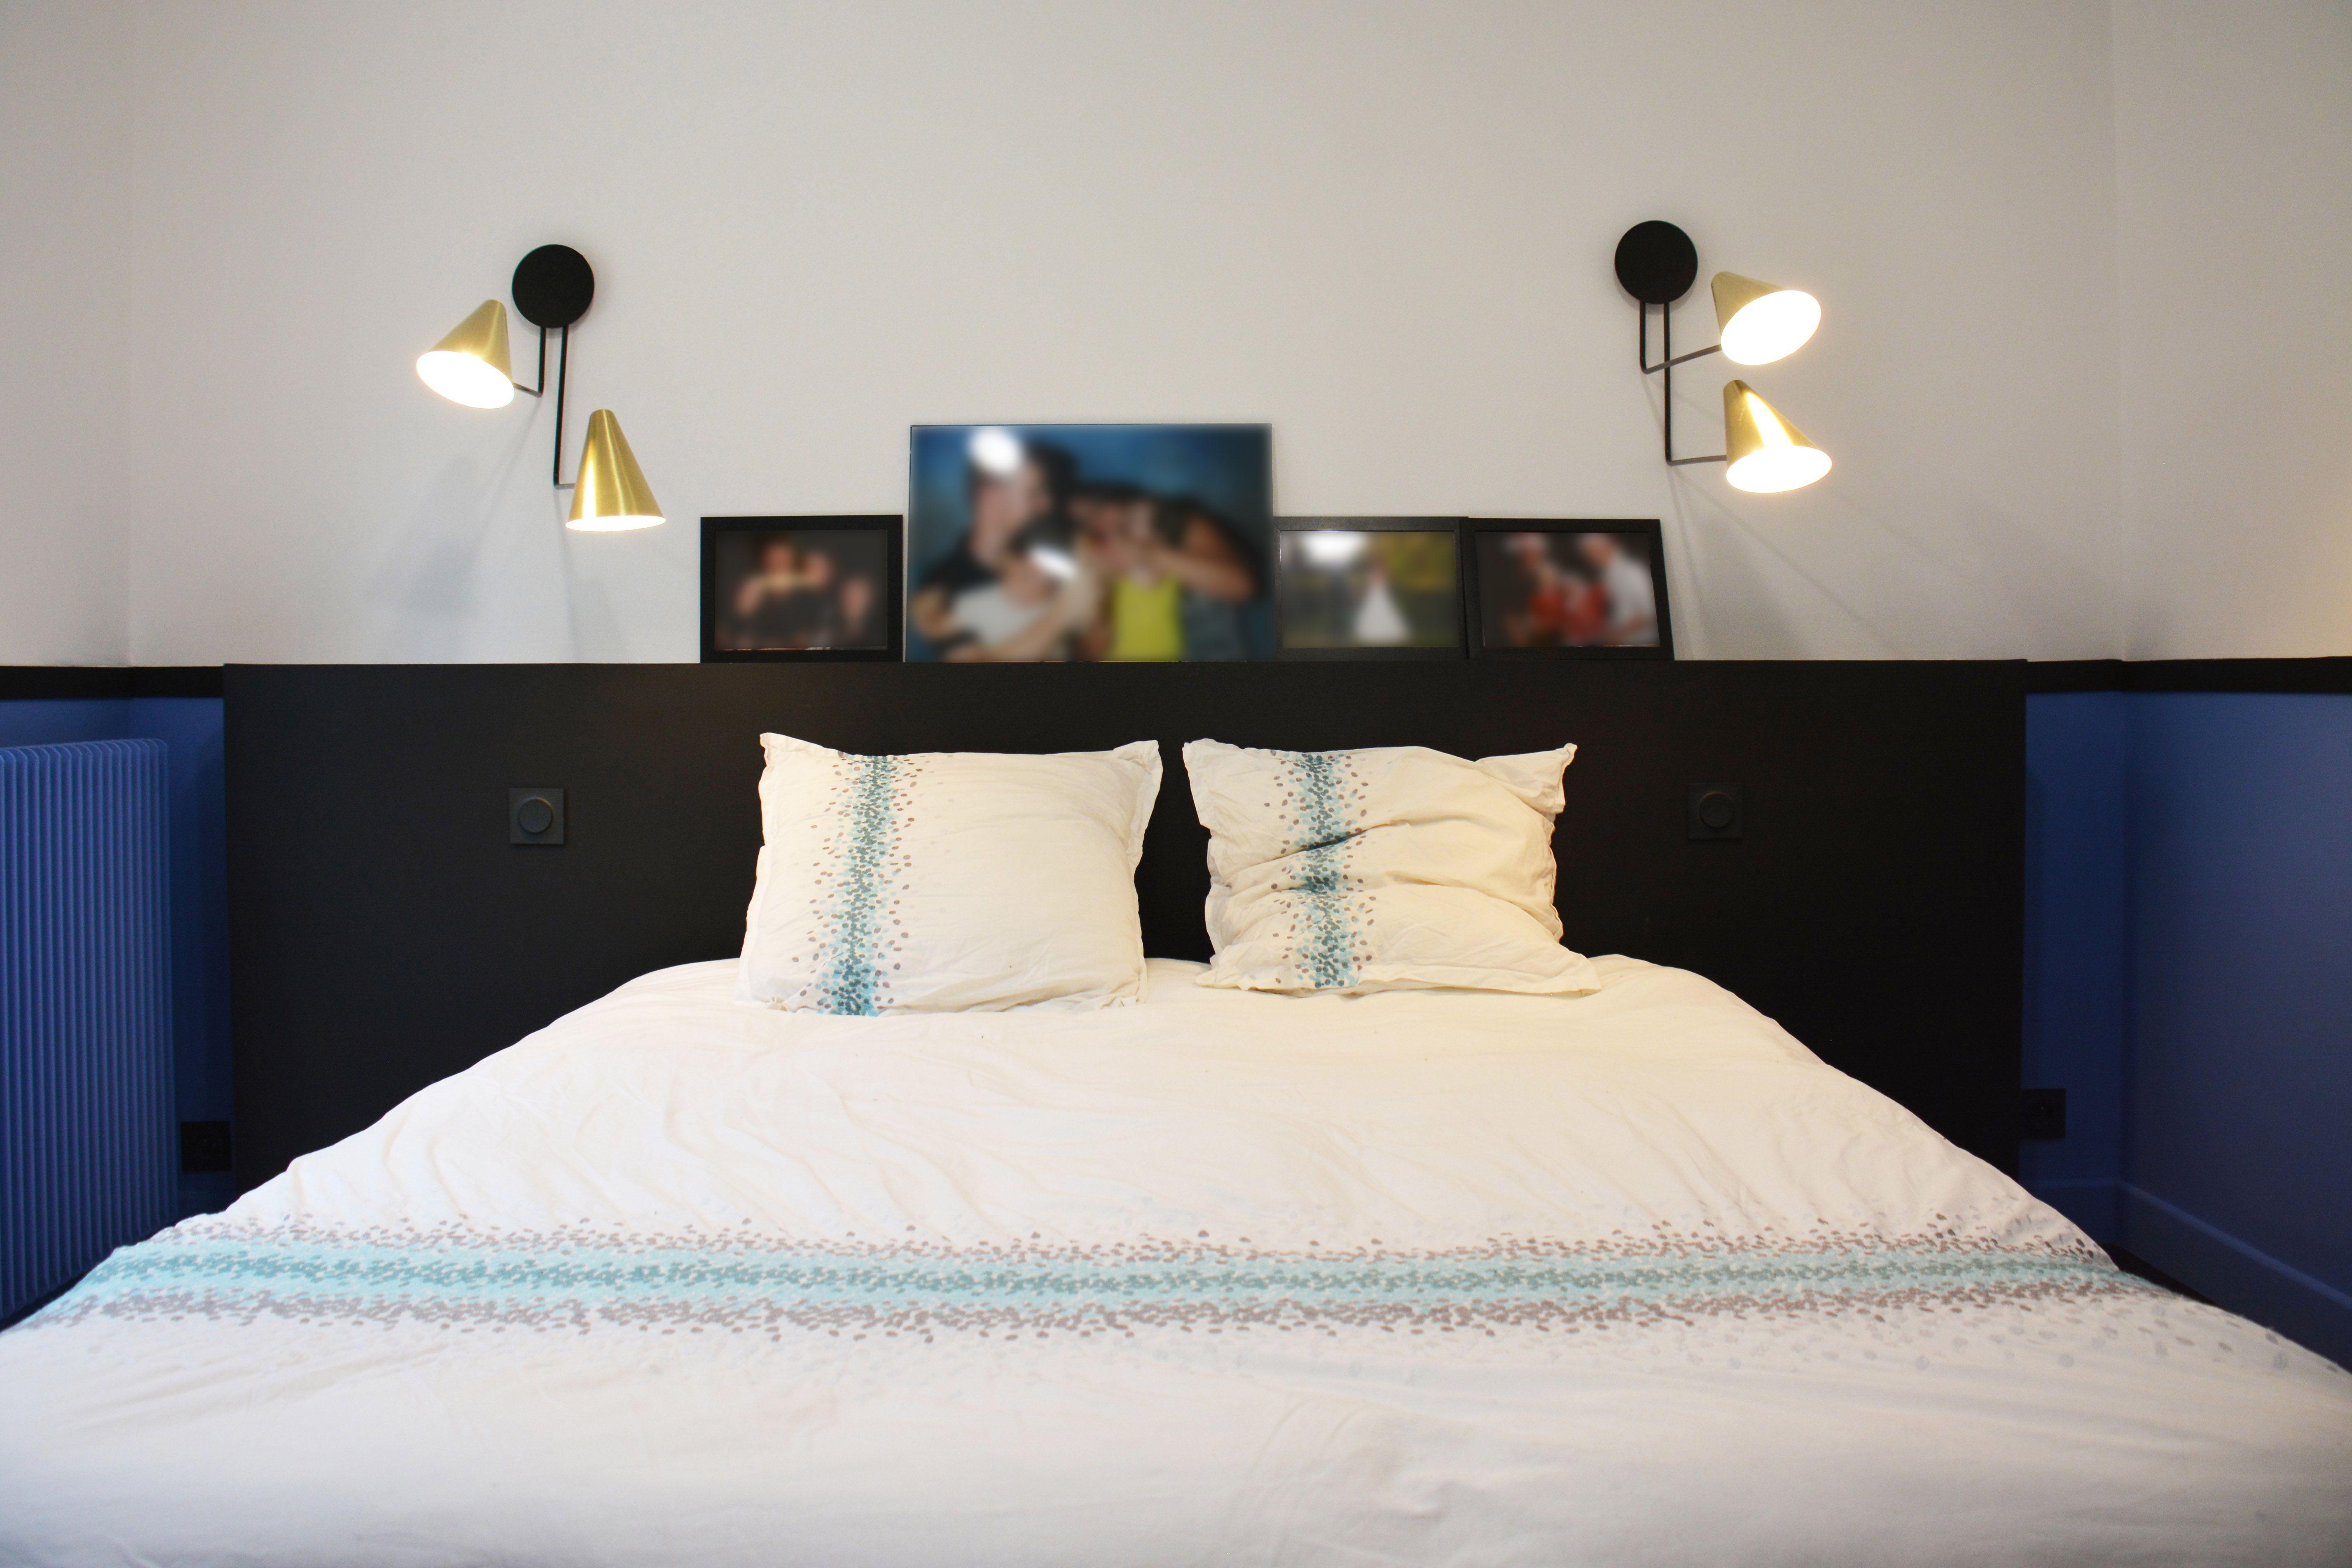 Chambre parentale bleu blanc et noir un soubassement bleu nuit